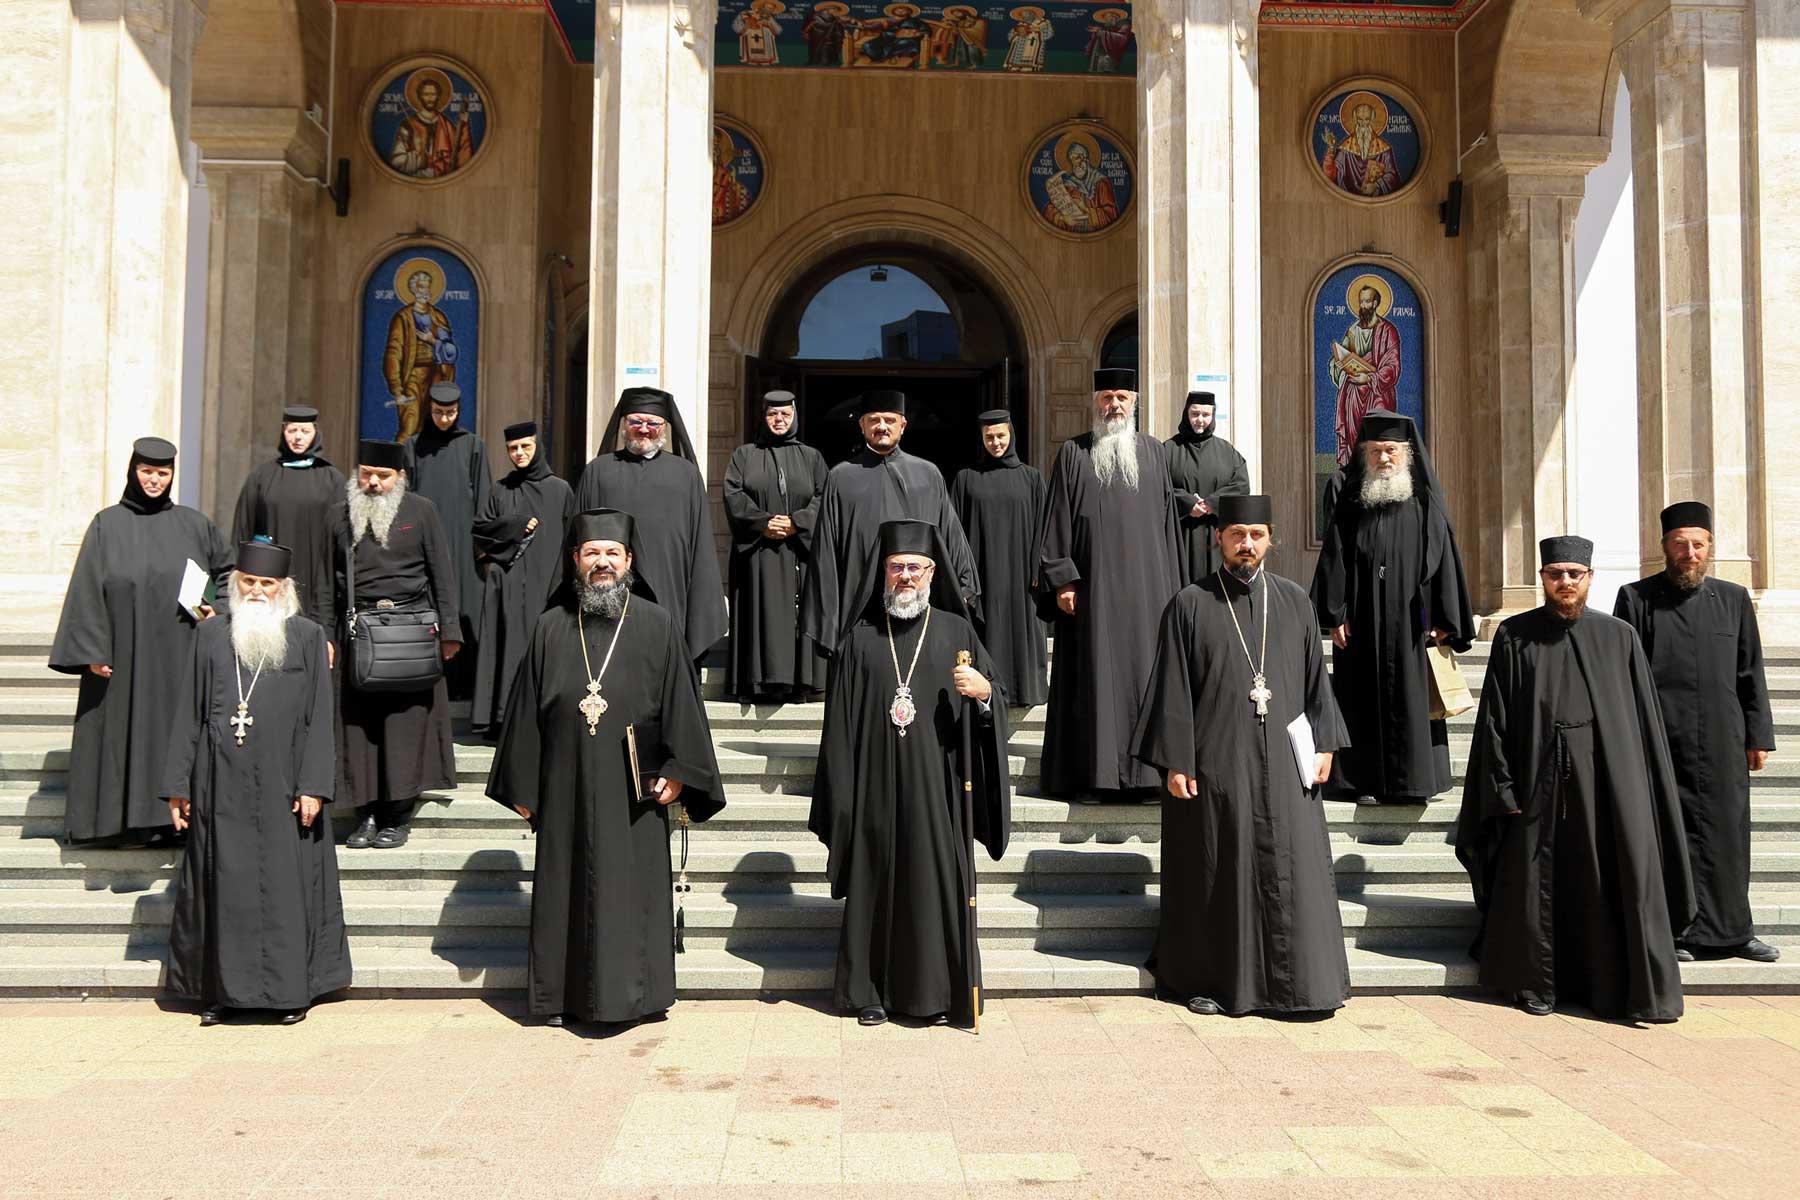 Sinaxa stareților și starețelor din Arhiepiscopia Buzăului și Vrancei